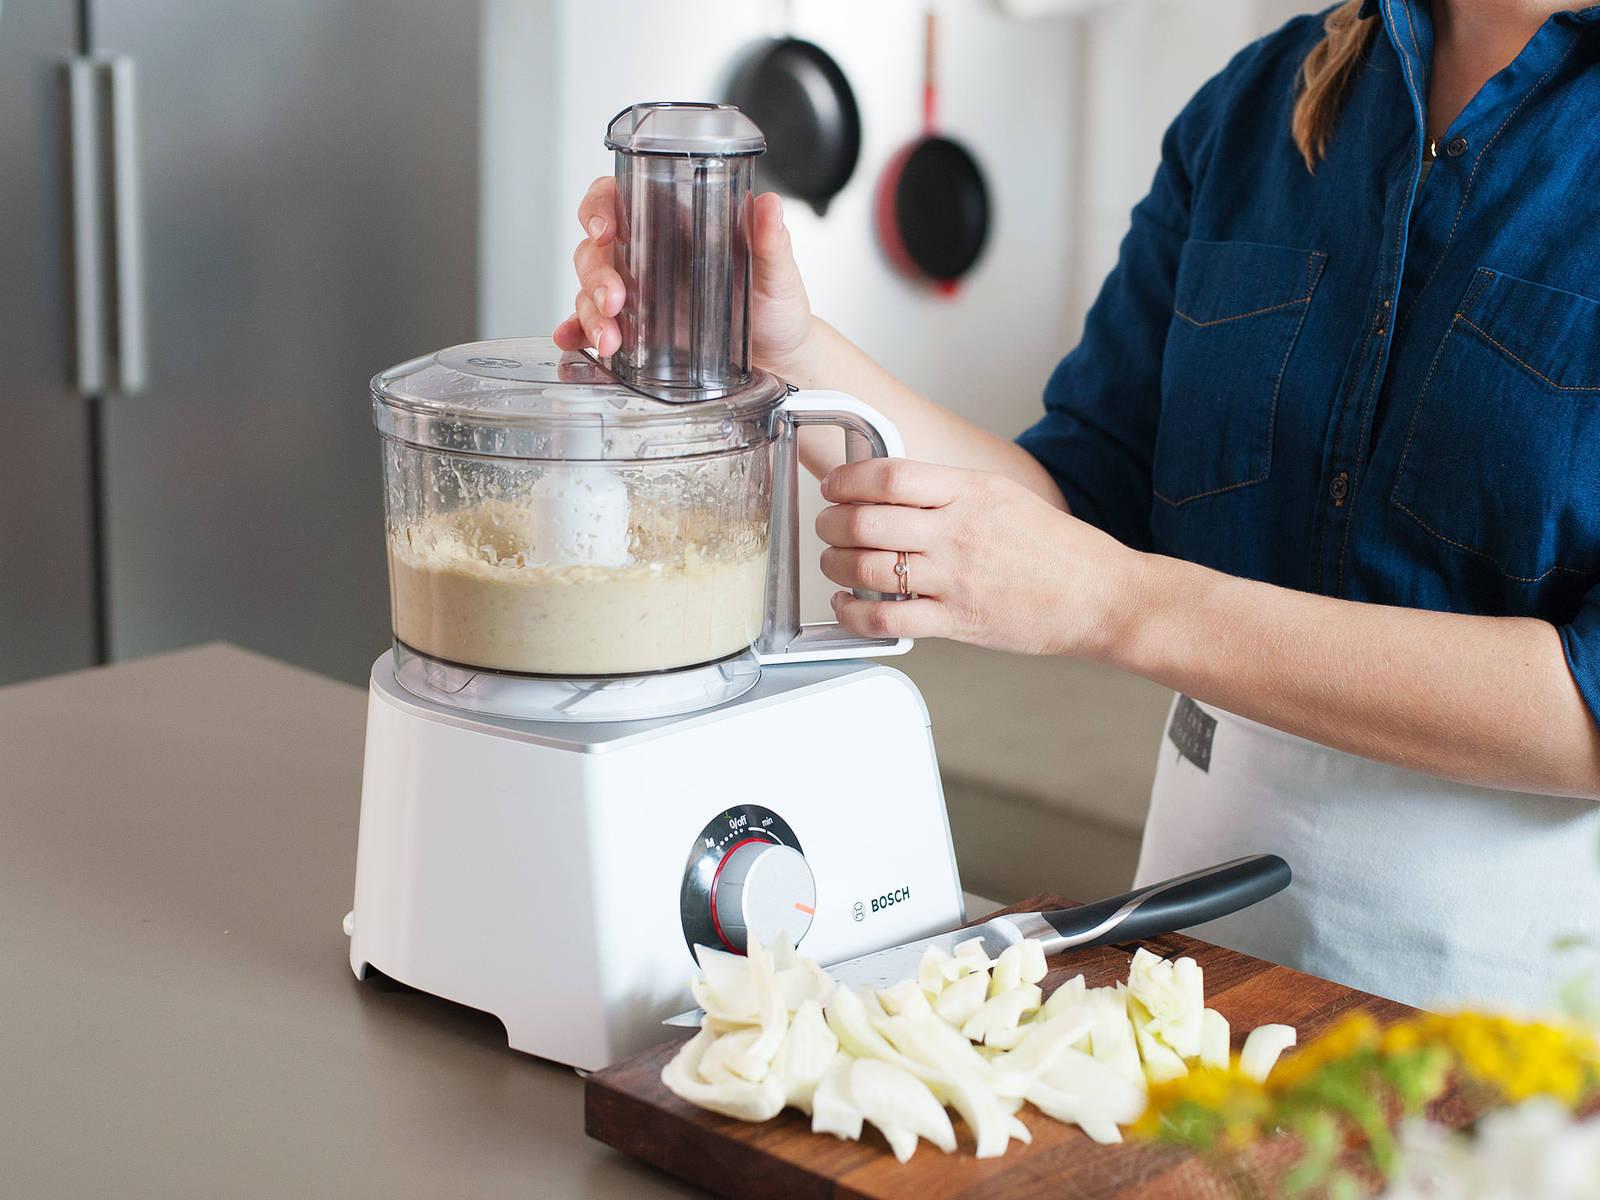 Weiße Bohnen, Knoblauch, einen Teil des Zitronensafts und Abriebs, sowie Parmesan in den Zerkleinerer geben. Mixen, bis sich eine einheitliche Masse formt. Olivenöl und Wasser hinzugeben und gut vermengen.